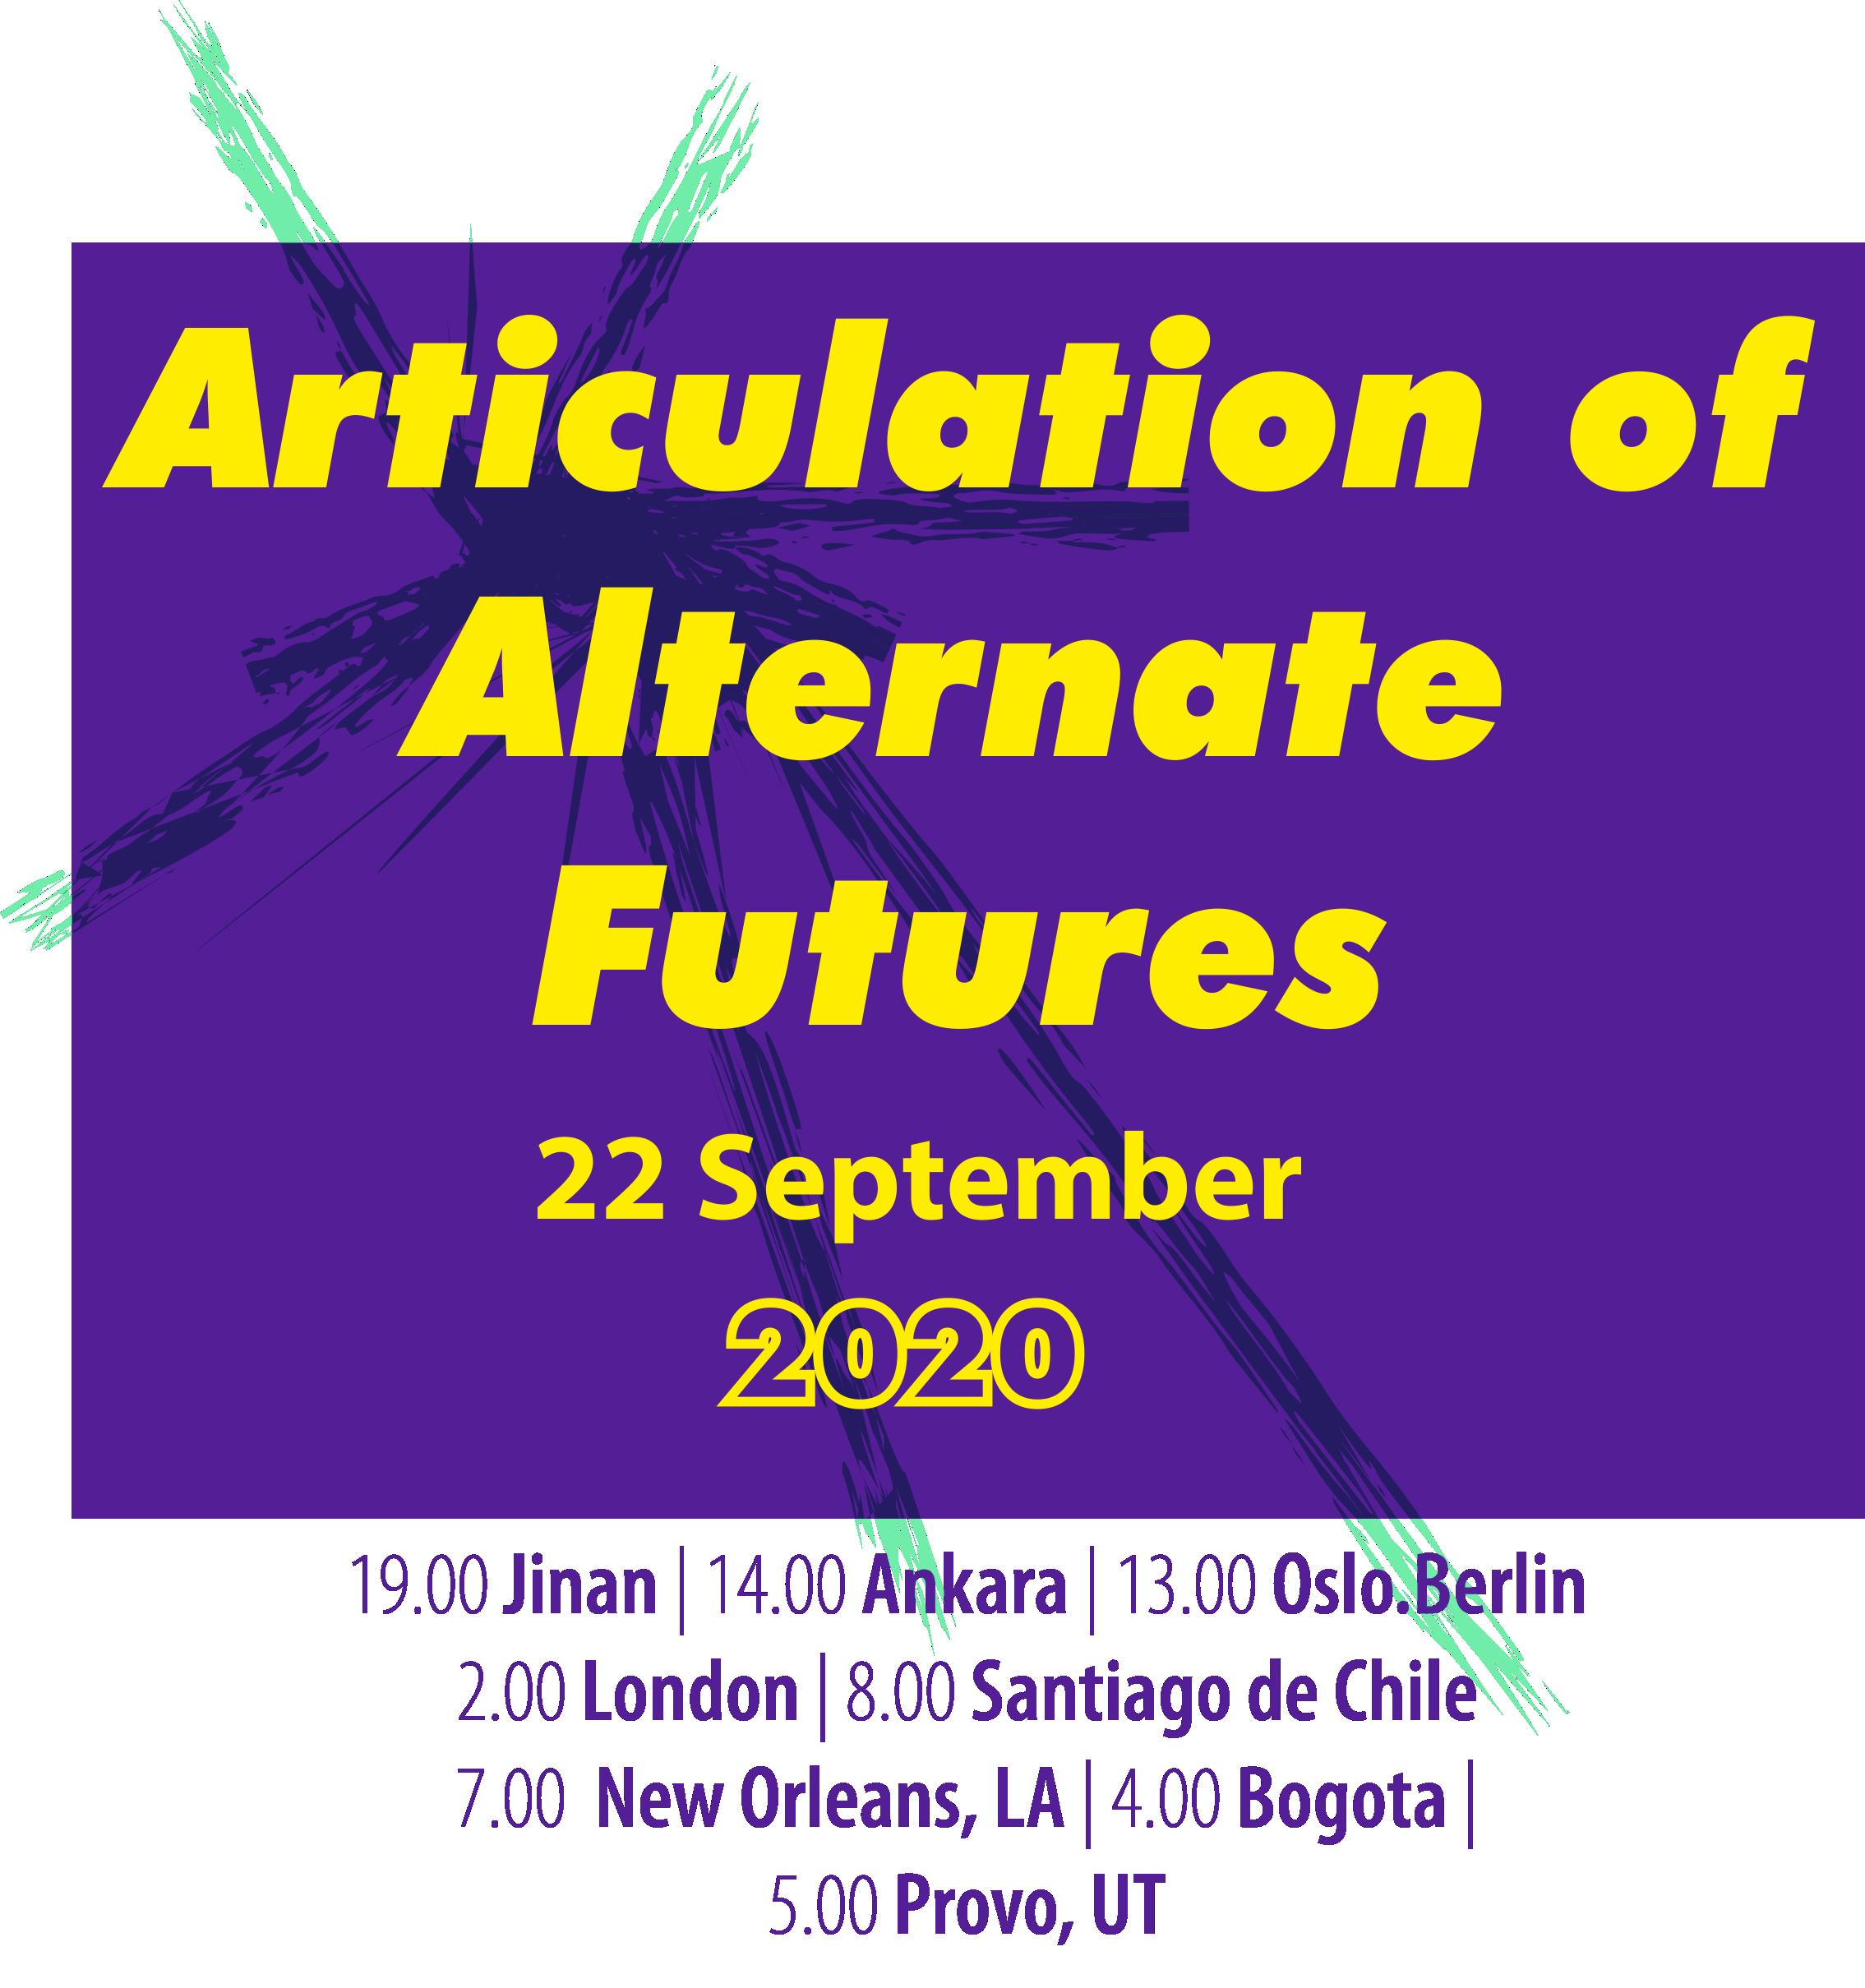 Articulation of Alternate Futures: Online Symposium   Event Archive